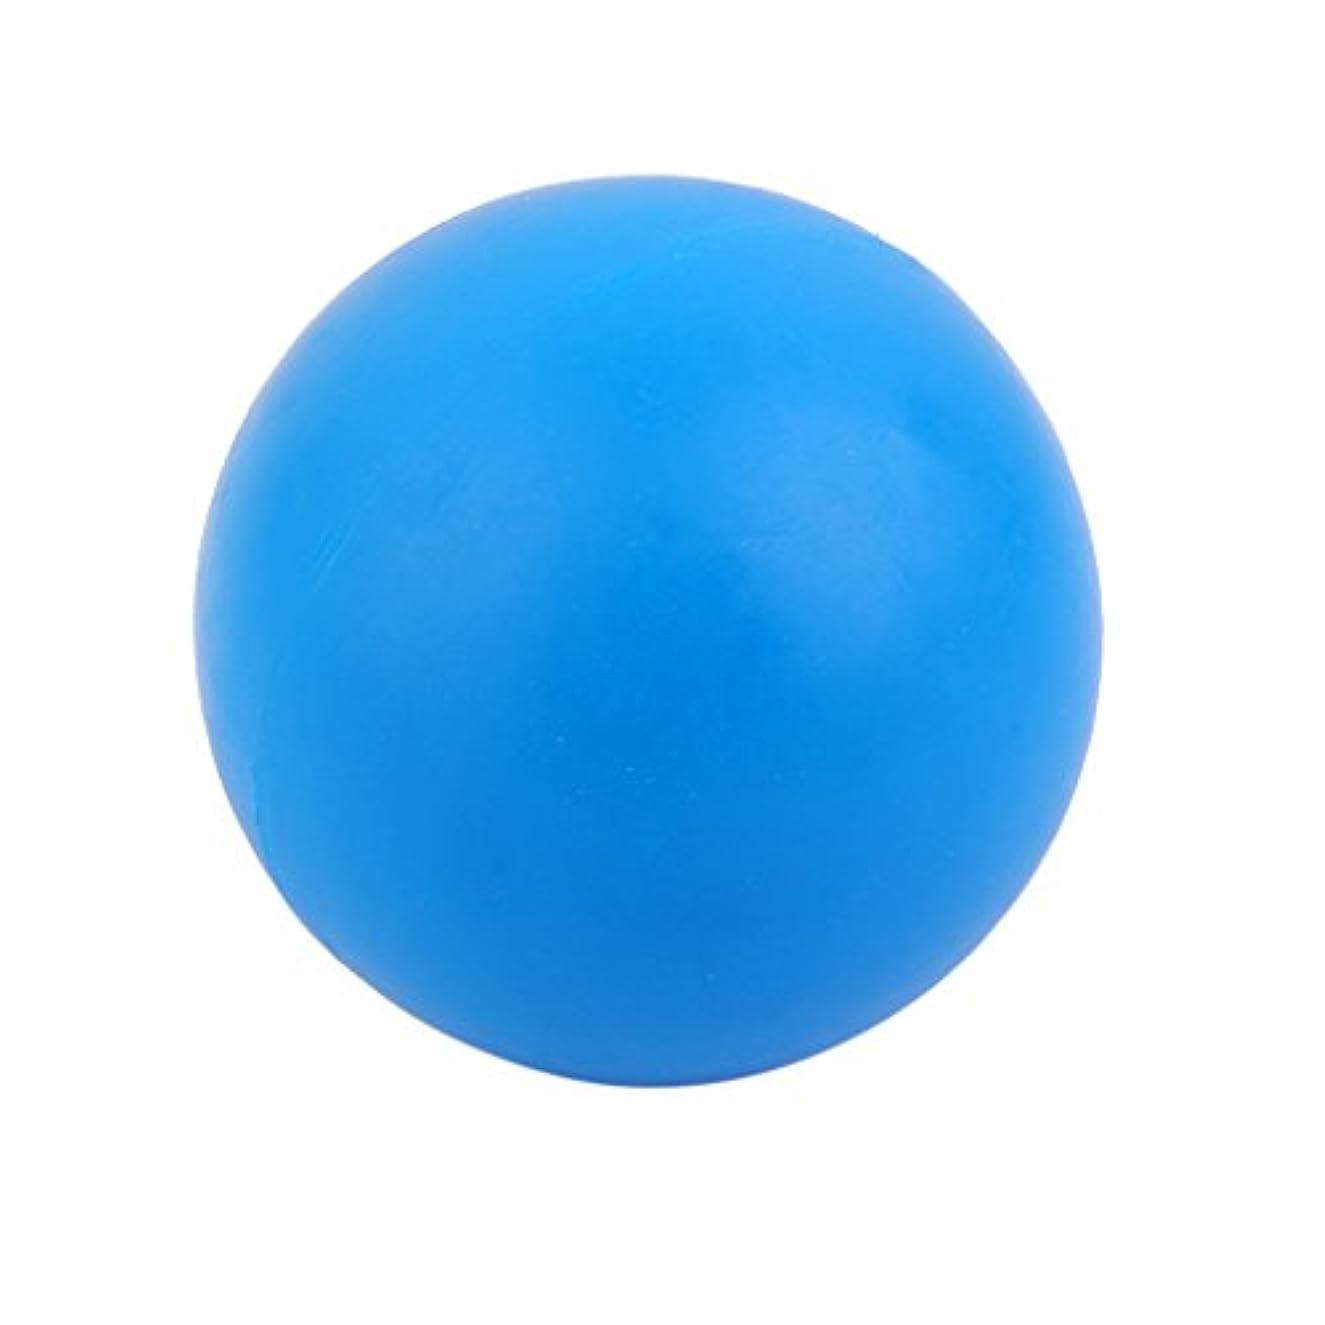 メーカー貪欲ヒロインマッサージボール 反応ボール トレーニングボール